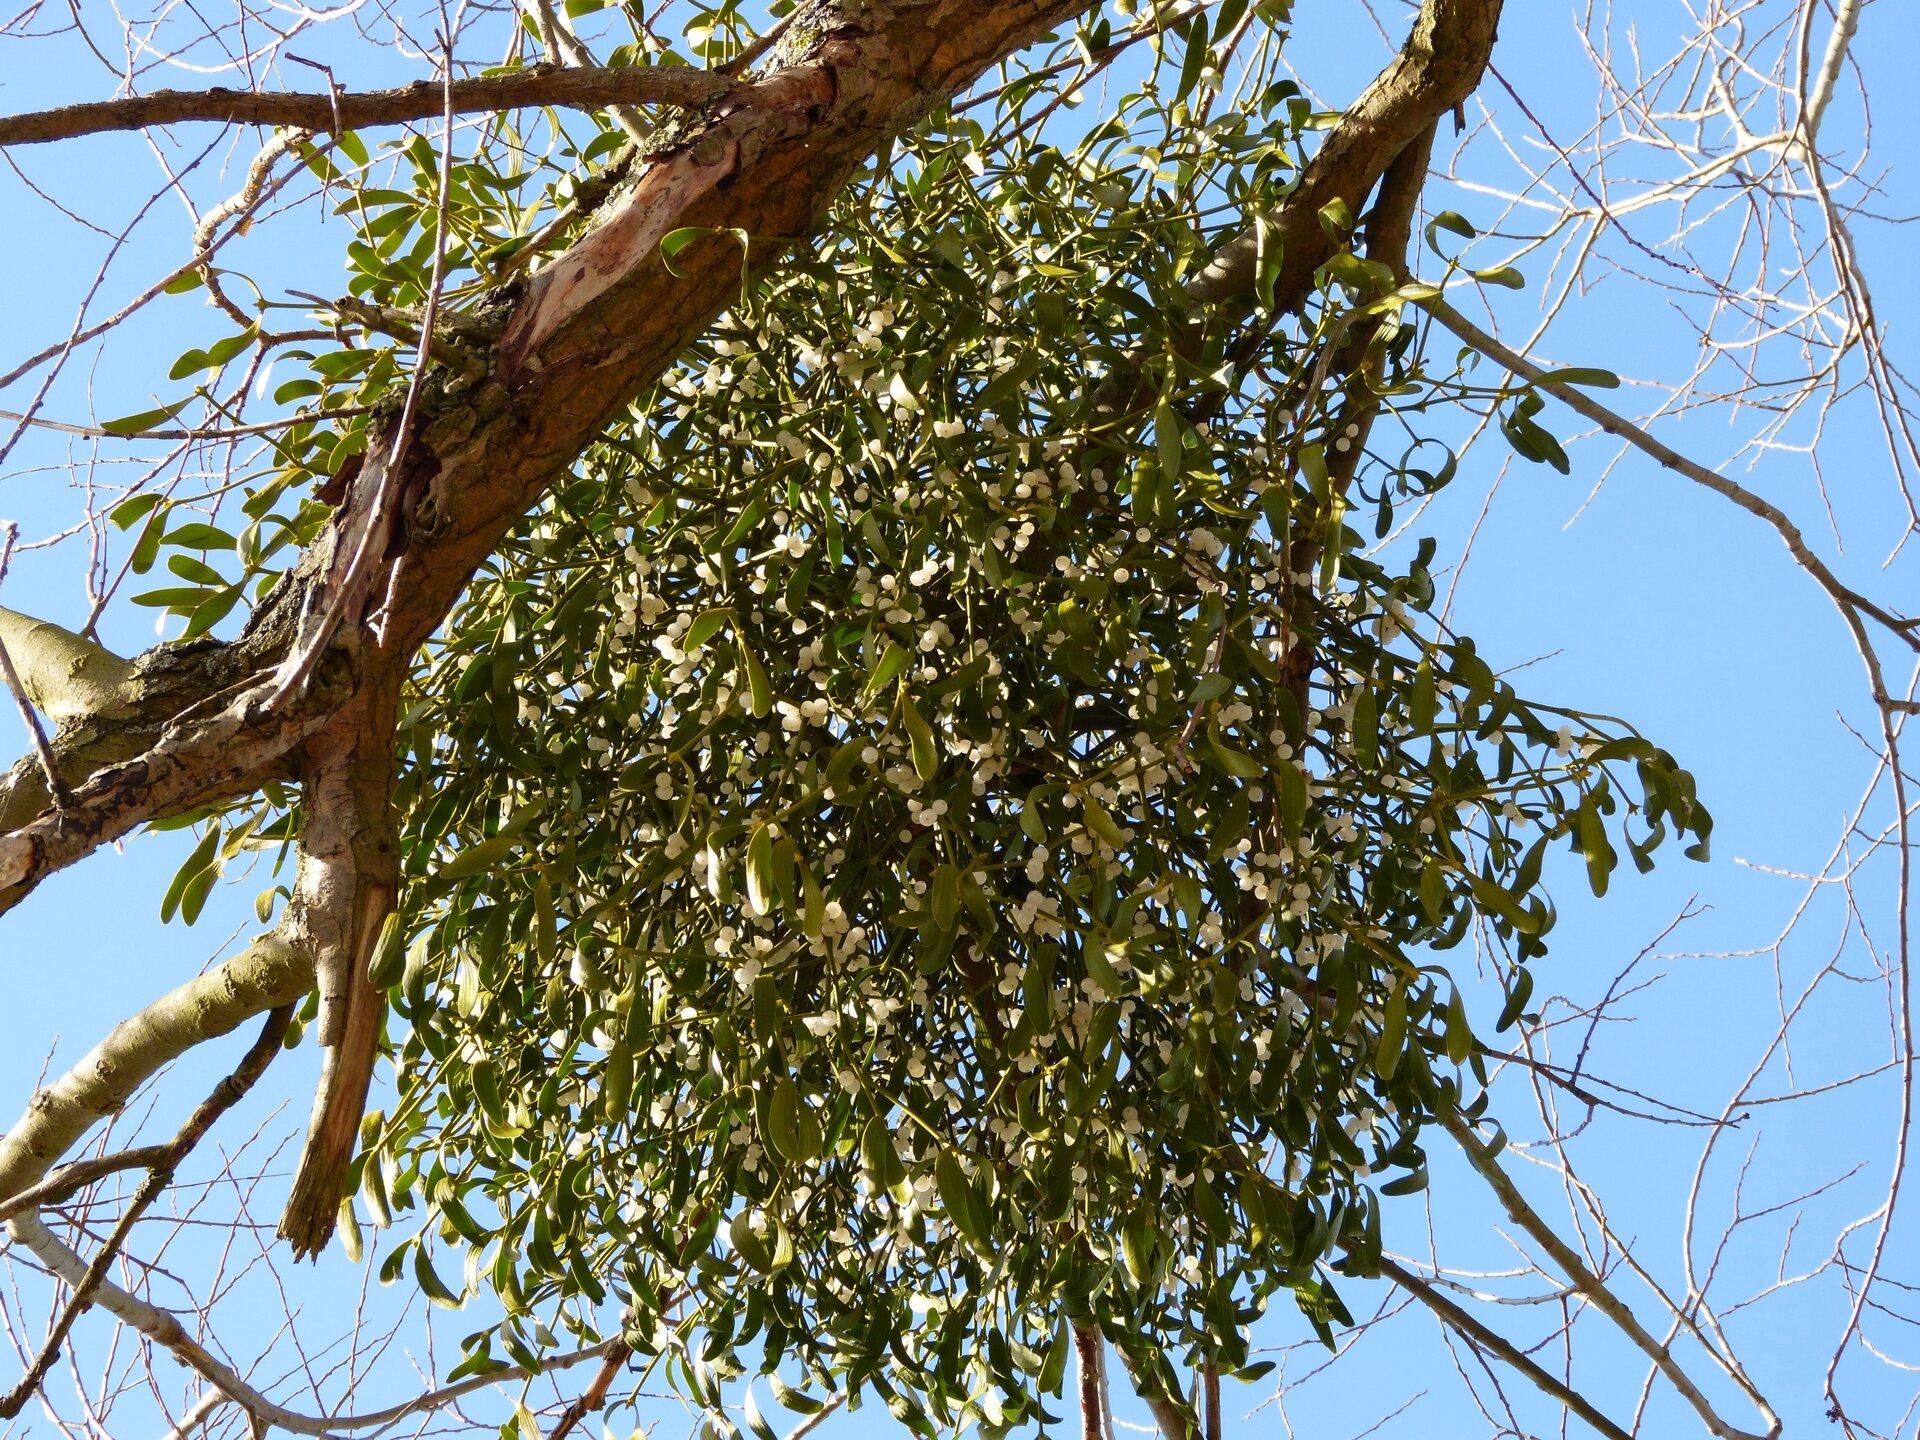 Fotografia przedstawia jasnozielonej jemioły na bezlistnym drzewie. Jemioła jest duża, przyczepiona do gałęzi. Ma liczne, wąskie liście. Pędy jemioły są rozgałęzione igęste, przez co cała roślina ma kulisty kształt.